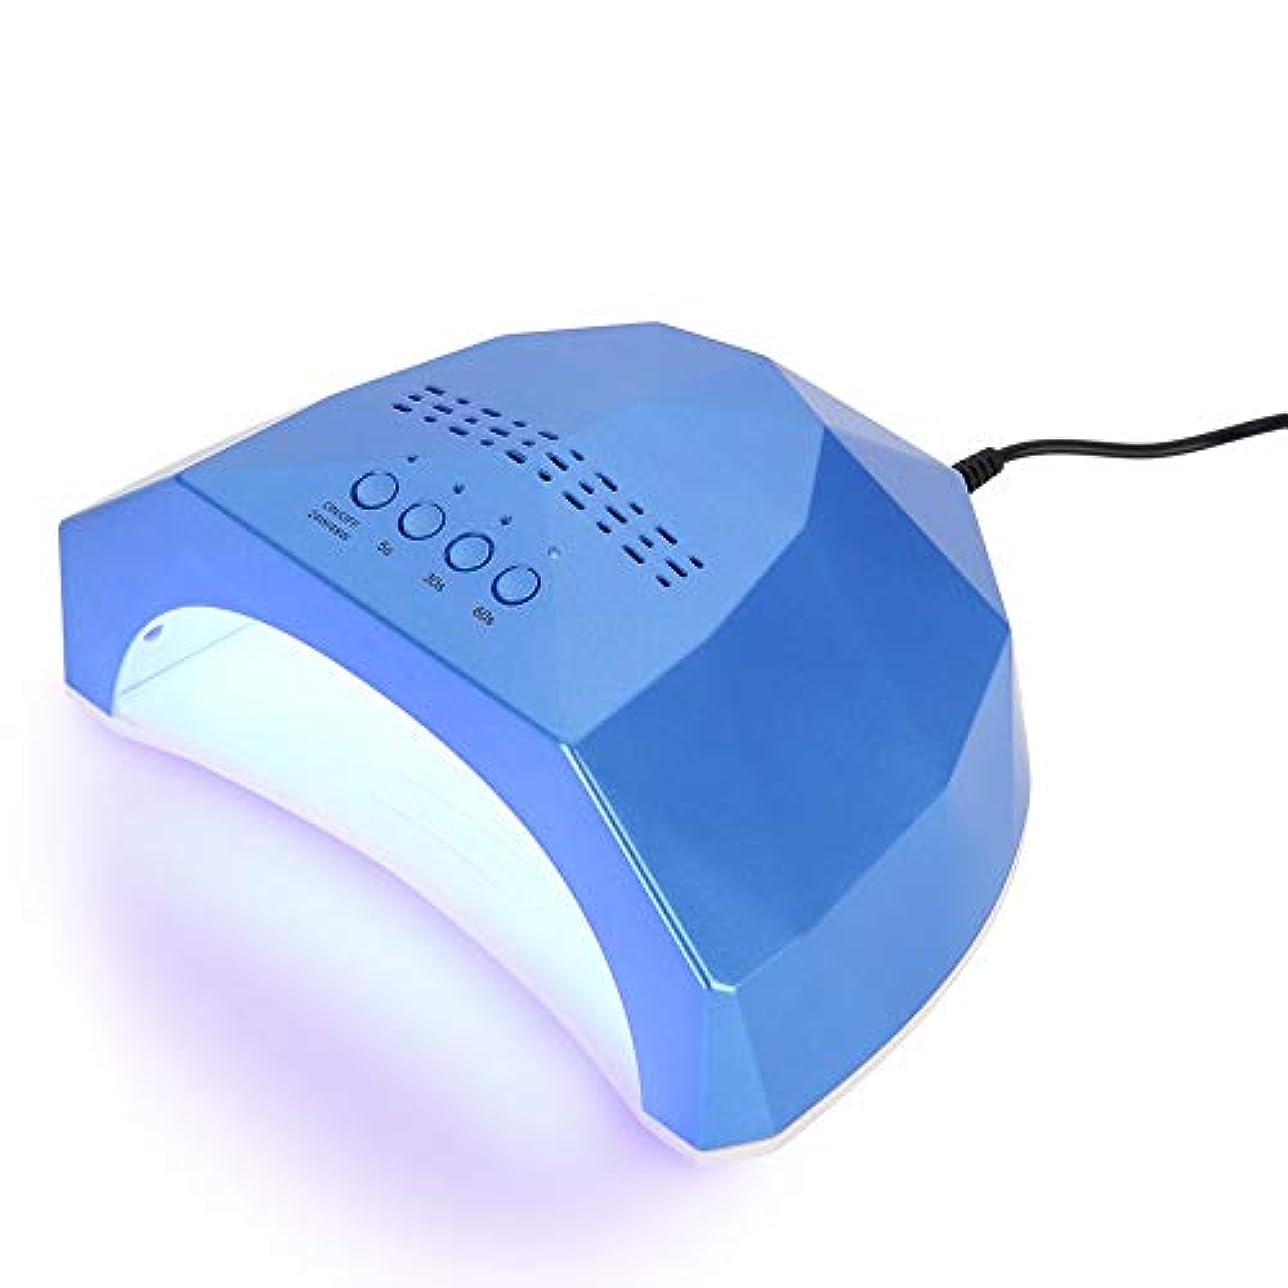 ヘビバーター忌避剤48W ネイルアートLEDランプ ネイルドライヤー LED釘ランプのドライヤーラン 硬化マニキュア (Blue)